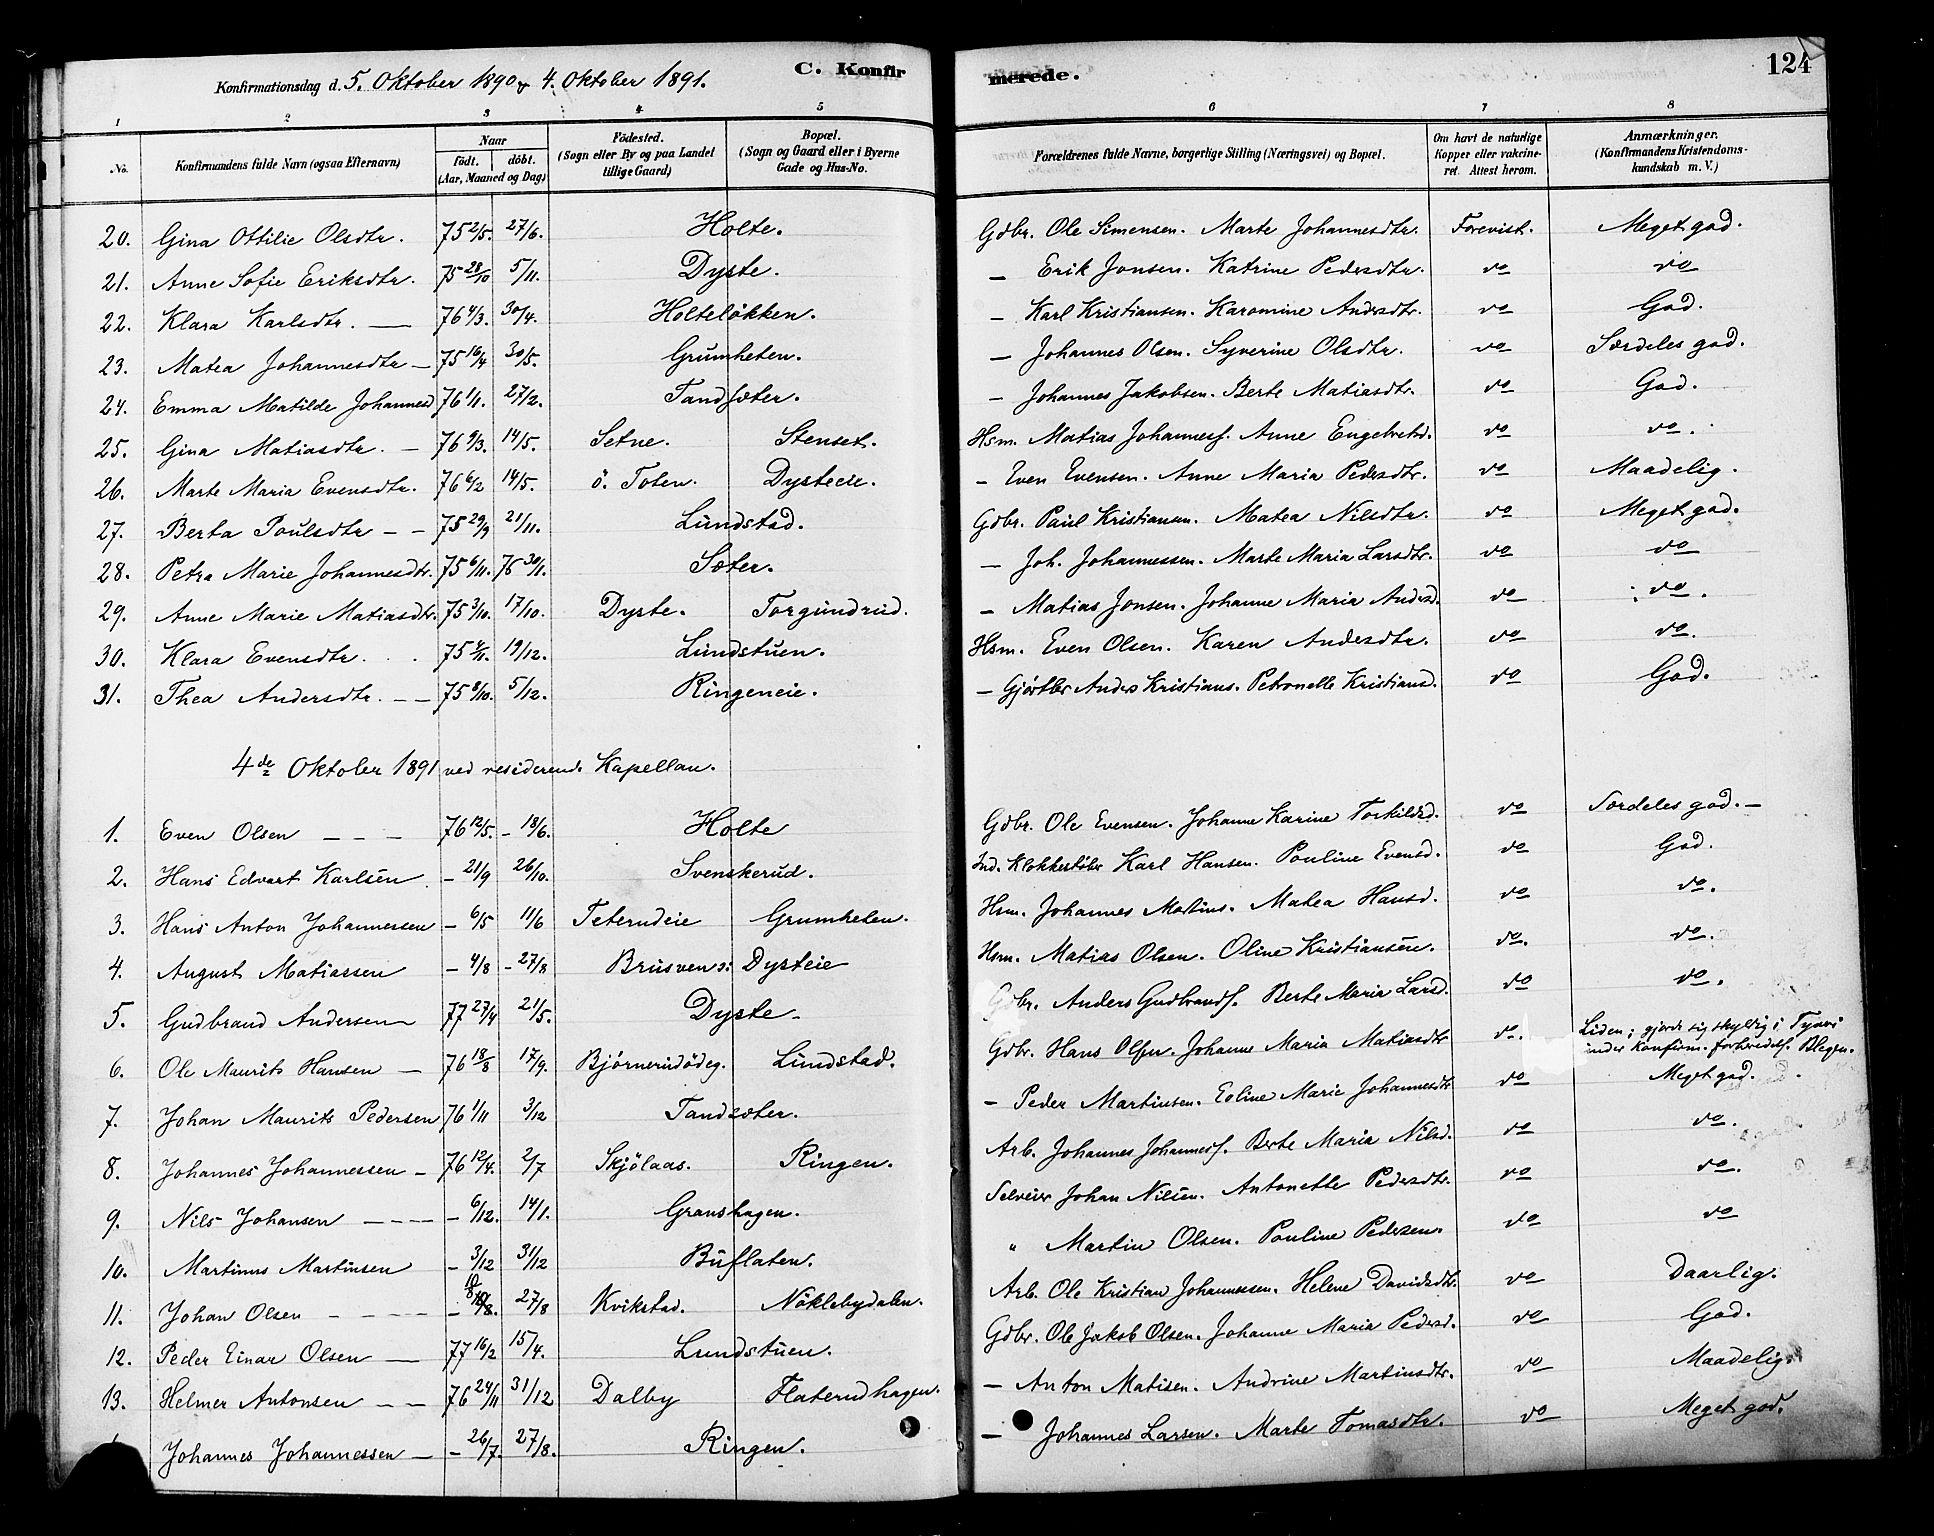 SAH, Vestre Toten prestekontor, Ministerialbok nr. 10, 1878-1894, s. 124